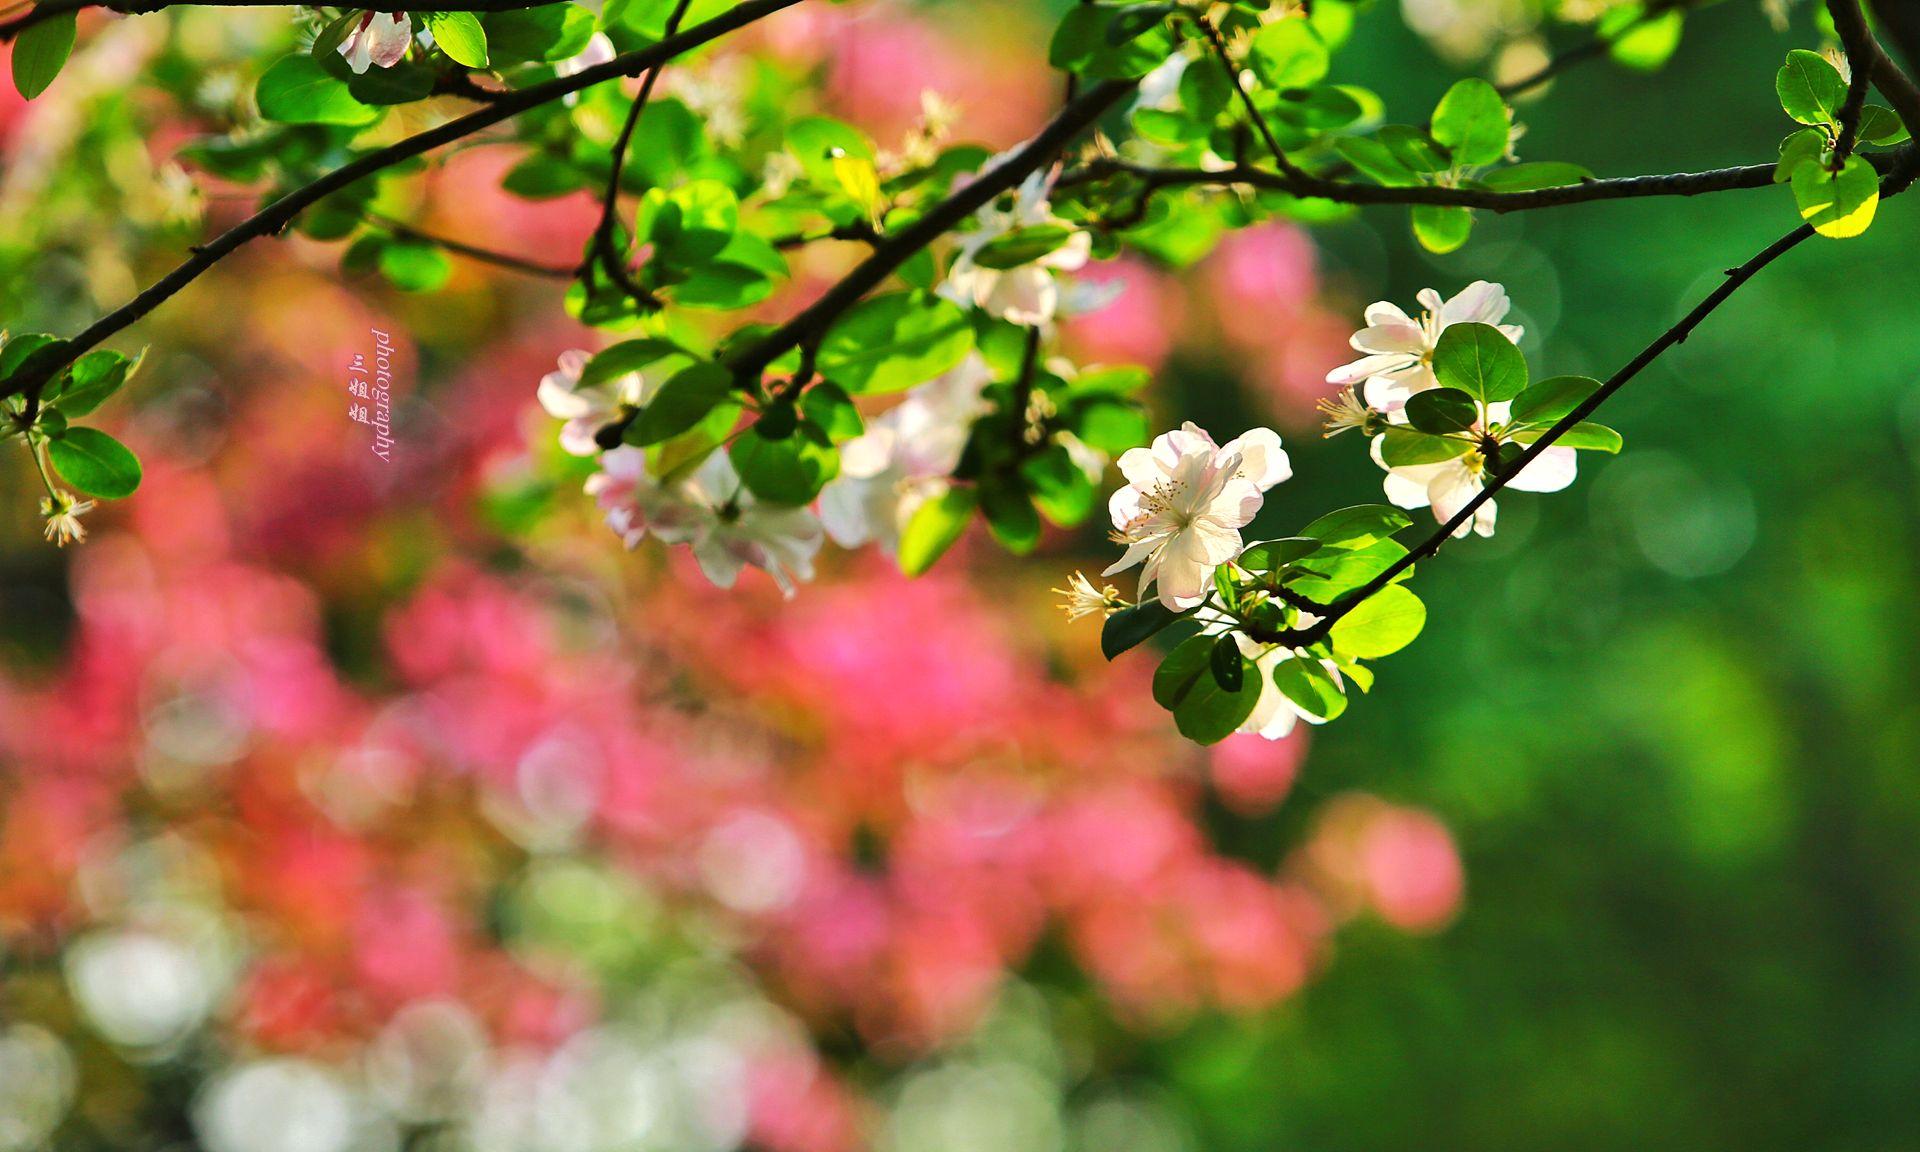 海棠依旧醉郑州 河南最大的海棠种植园 万株海棠花开似锦